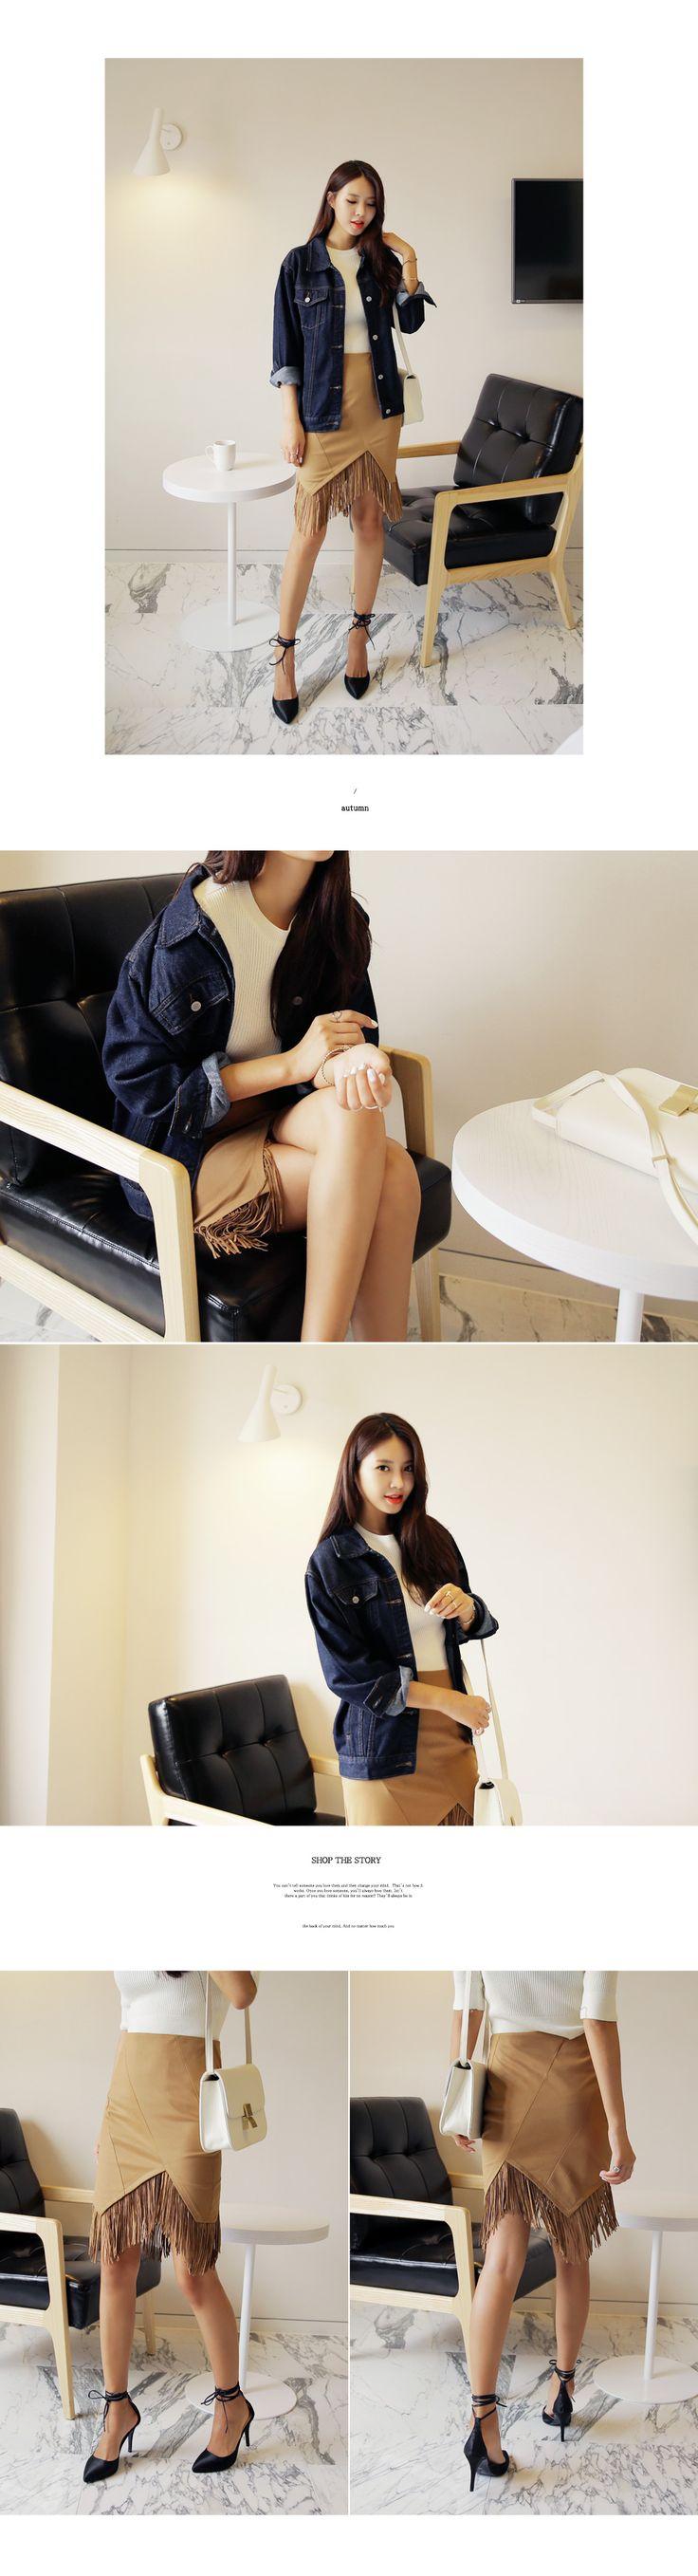 スエード素材フリンジアシメントリーHラインスカート・全2色スカートスカート|レディースファッション通販 DHOLICディーホリック [ファストファッション 水着 ワンピース]